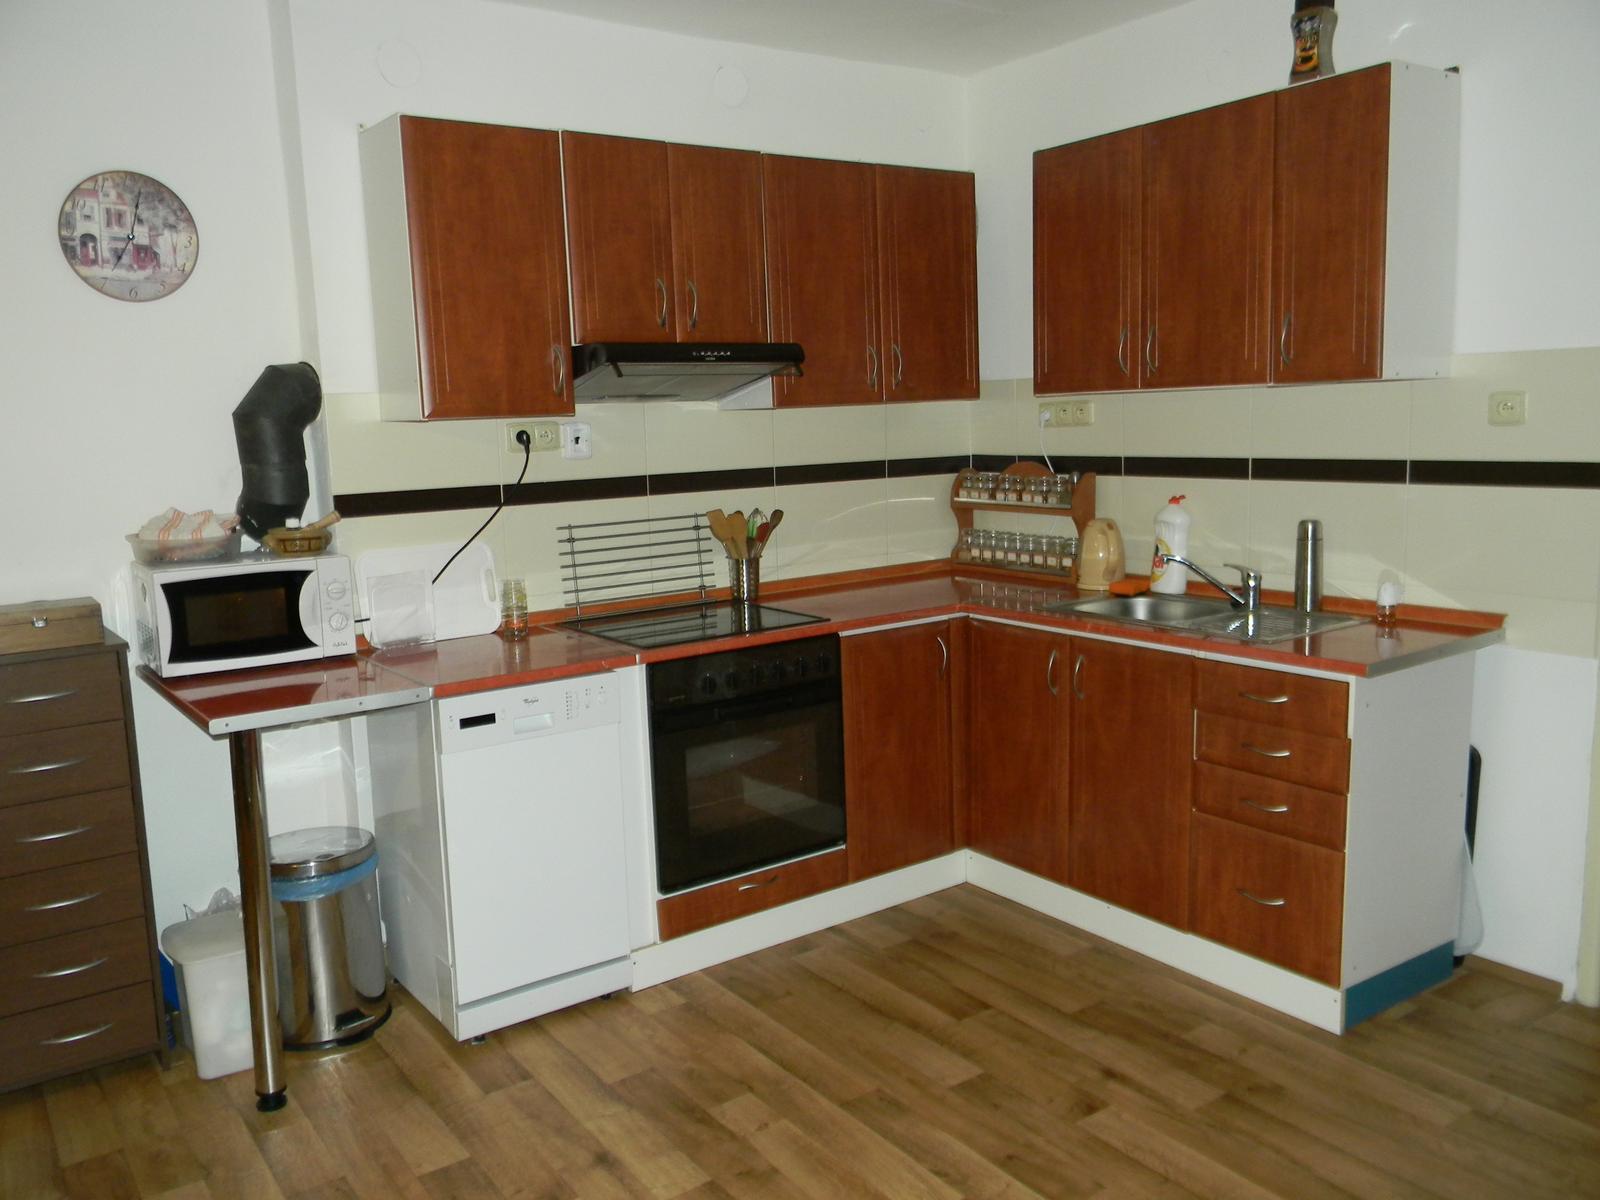 Sen o kuchyni... - Moje původní kuchyň v r. 2012...postupně se měnila myčka a přibyla jedna spodní skříňka